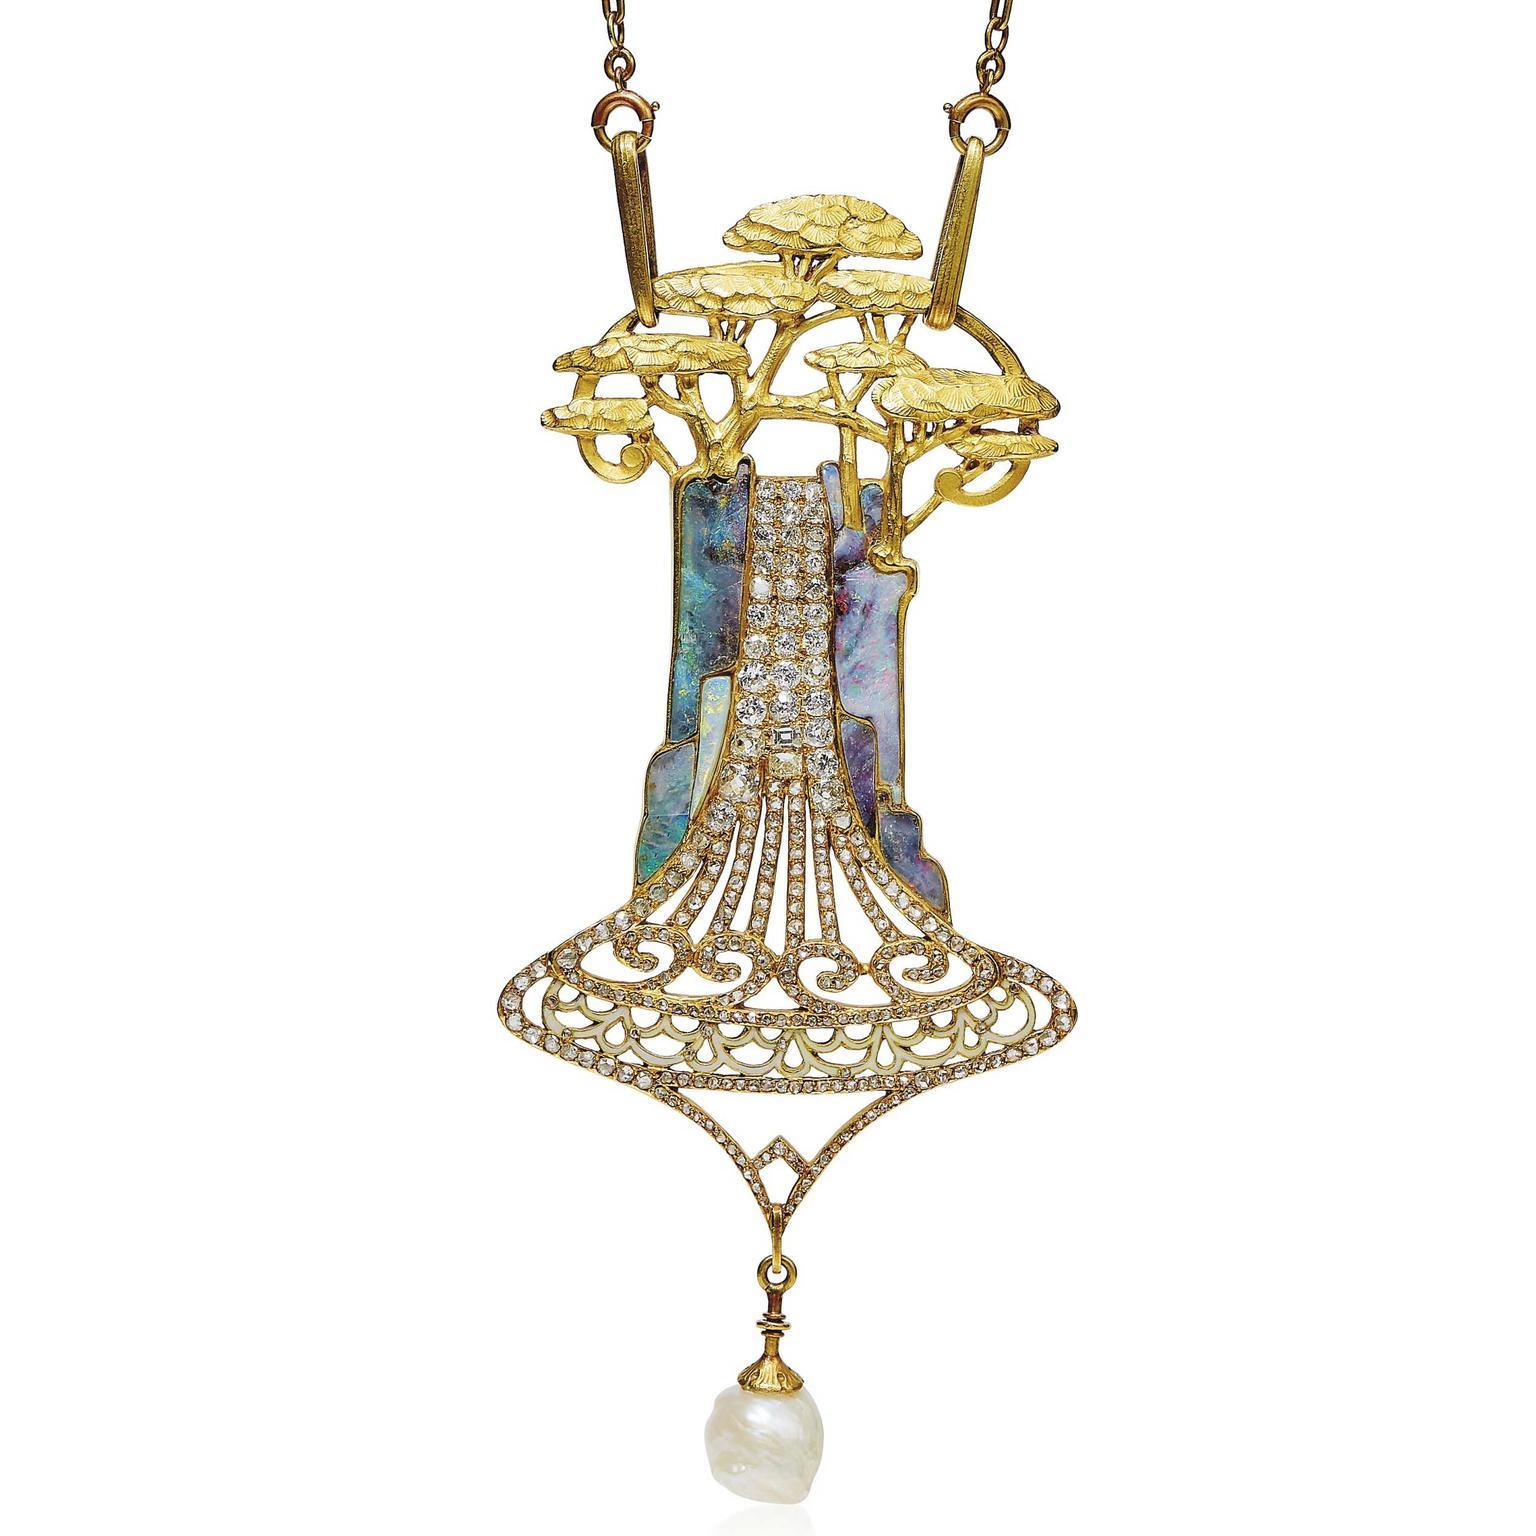 Georges Fouquet auction lot-72-art-nouveau-opal-diamond-and-enamel-cedars-pendant-necklace-by-georges-fouquet-.jpg__1536x0_q75_crop-scale_subsampling-2_upscale-false.jpg